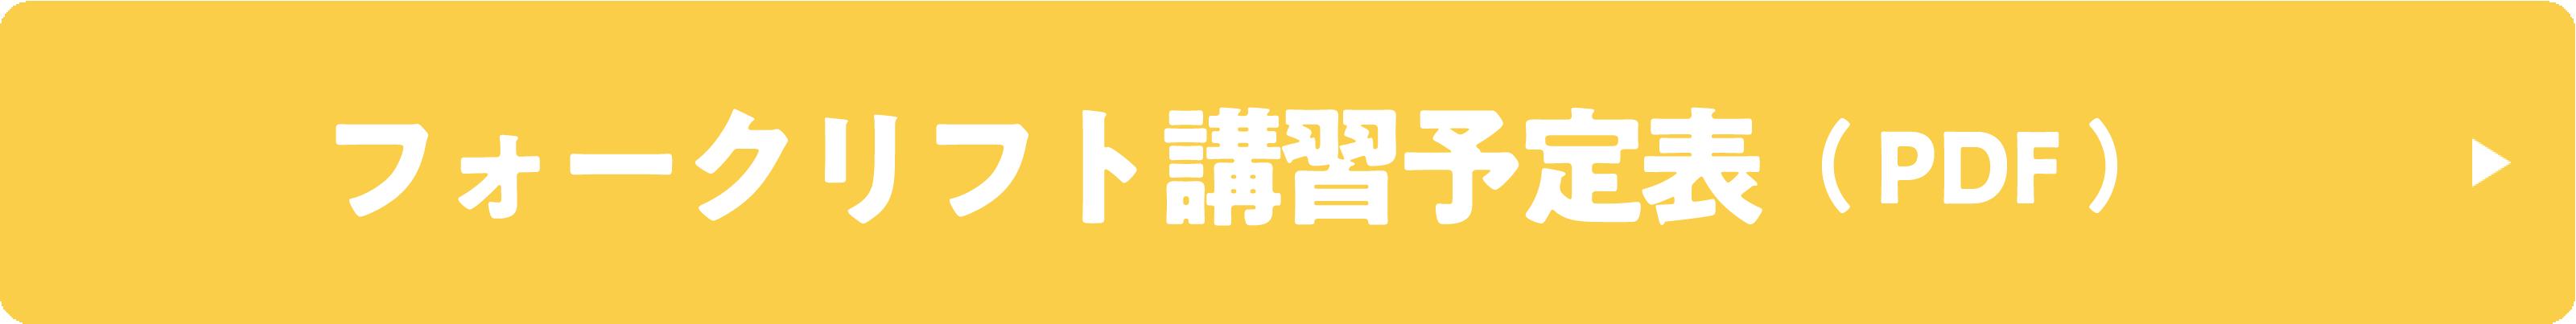 フォークリフト講習予定表(PDF)